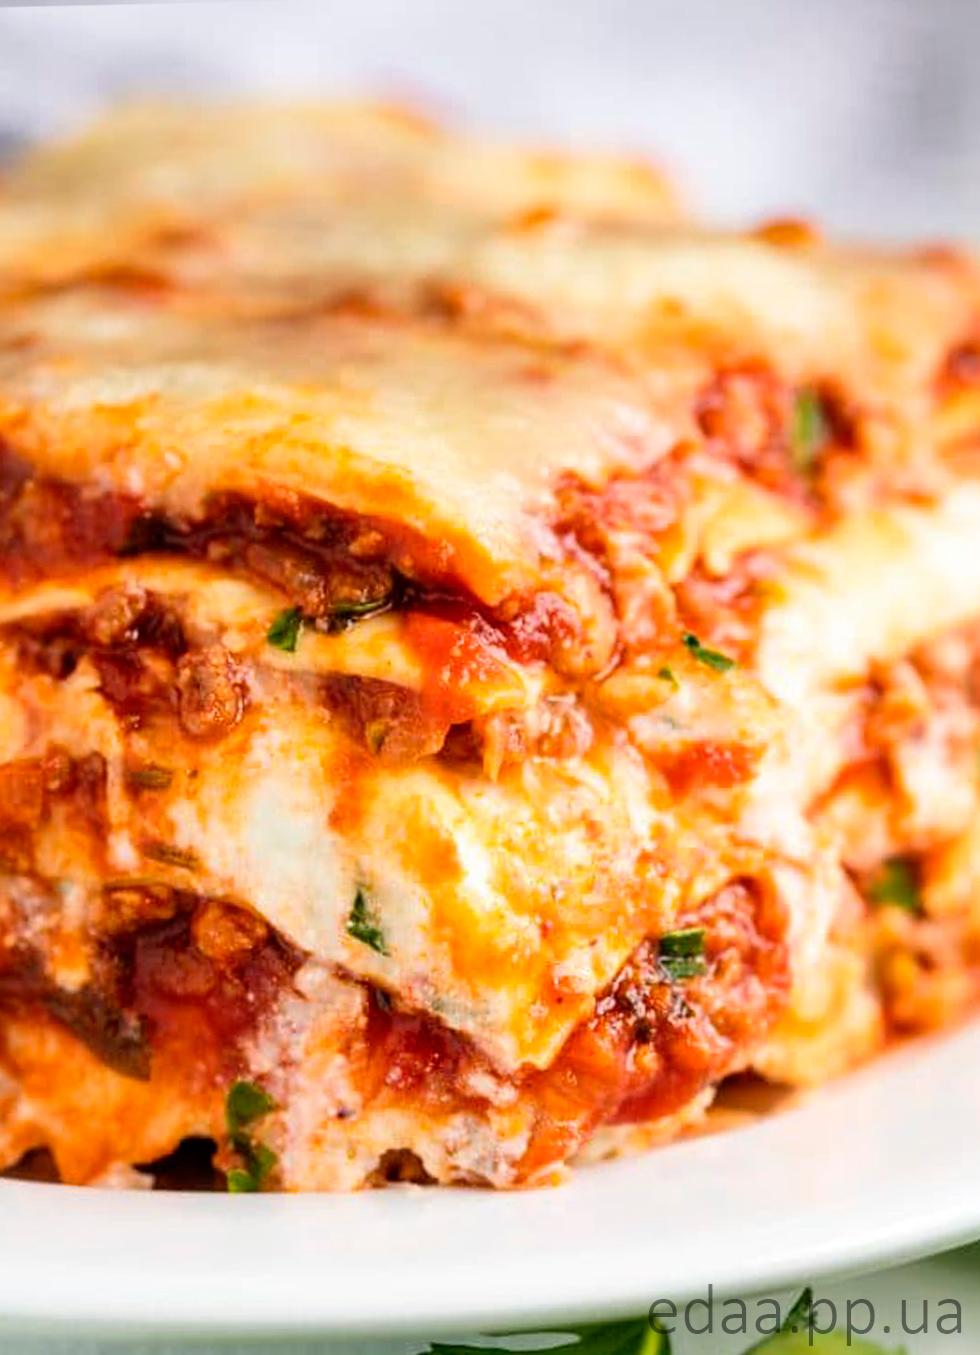 Домашняя лазанья по-итальянски удивительный рецепт